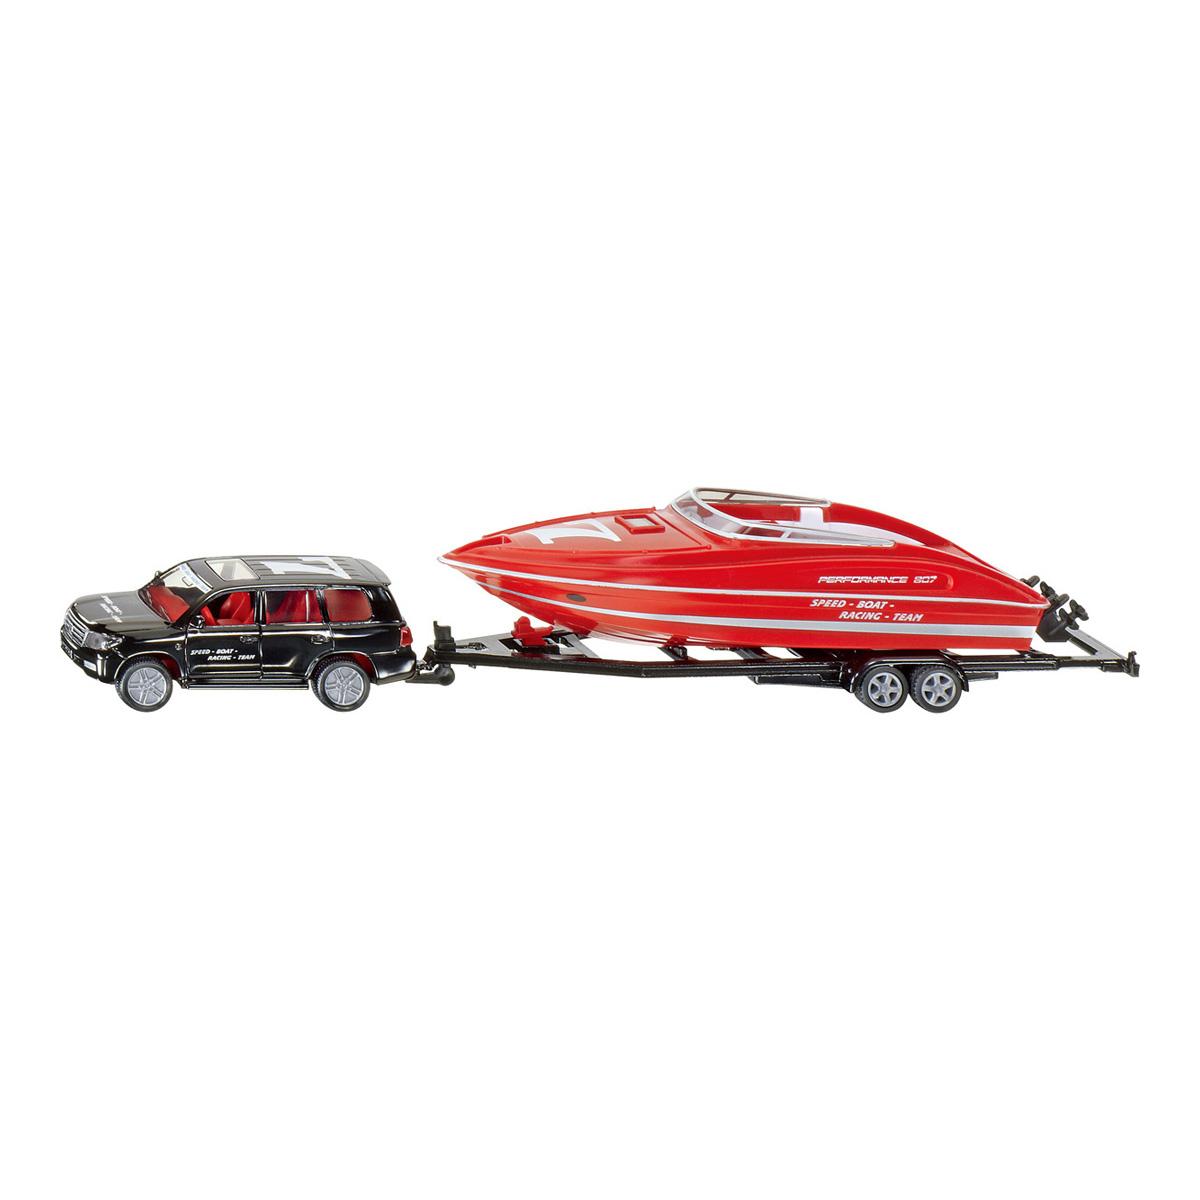 トヨタランドクルーザー モーターボート積載トレーラー付 1/55(ジク・SIKU)